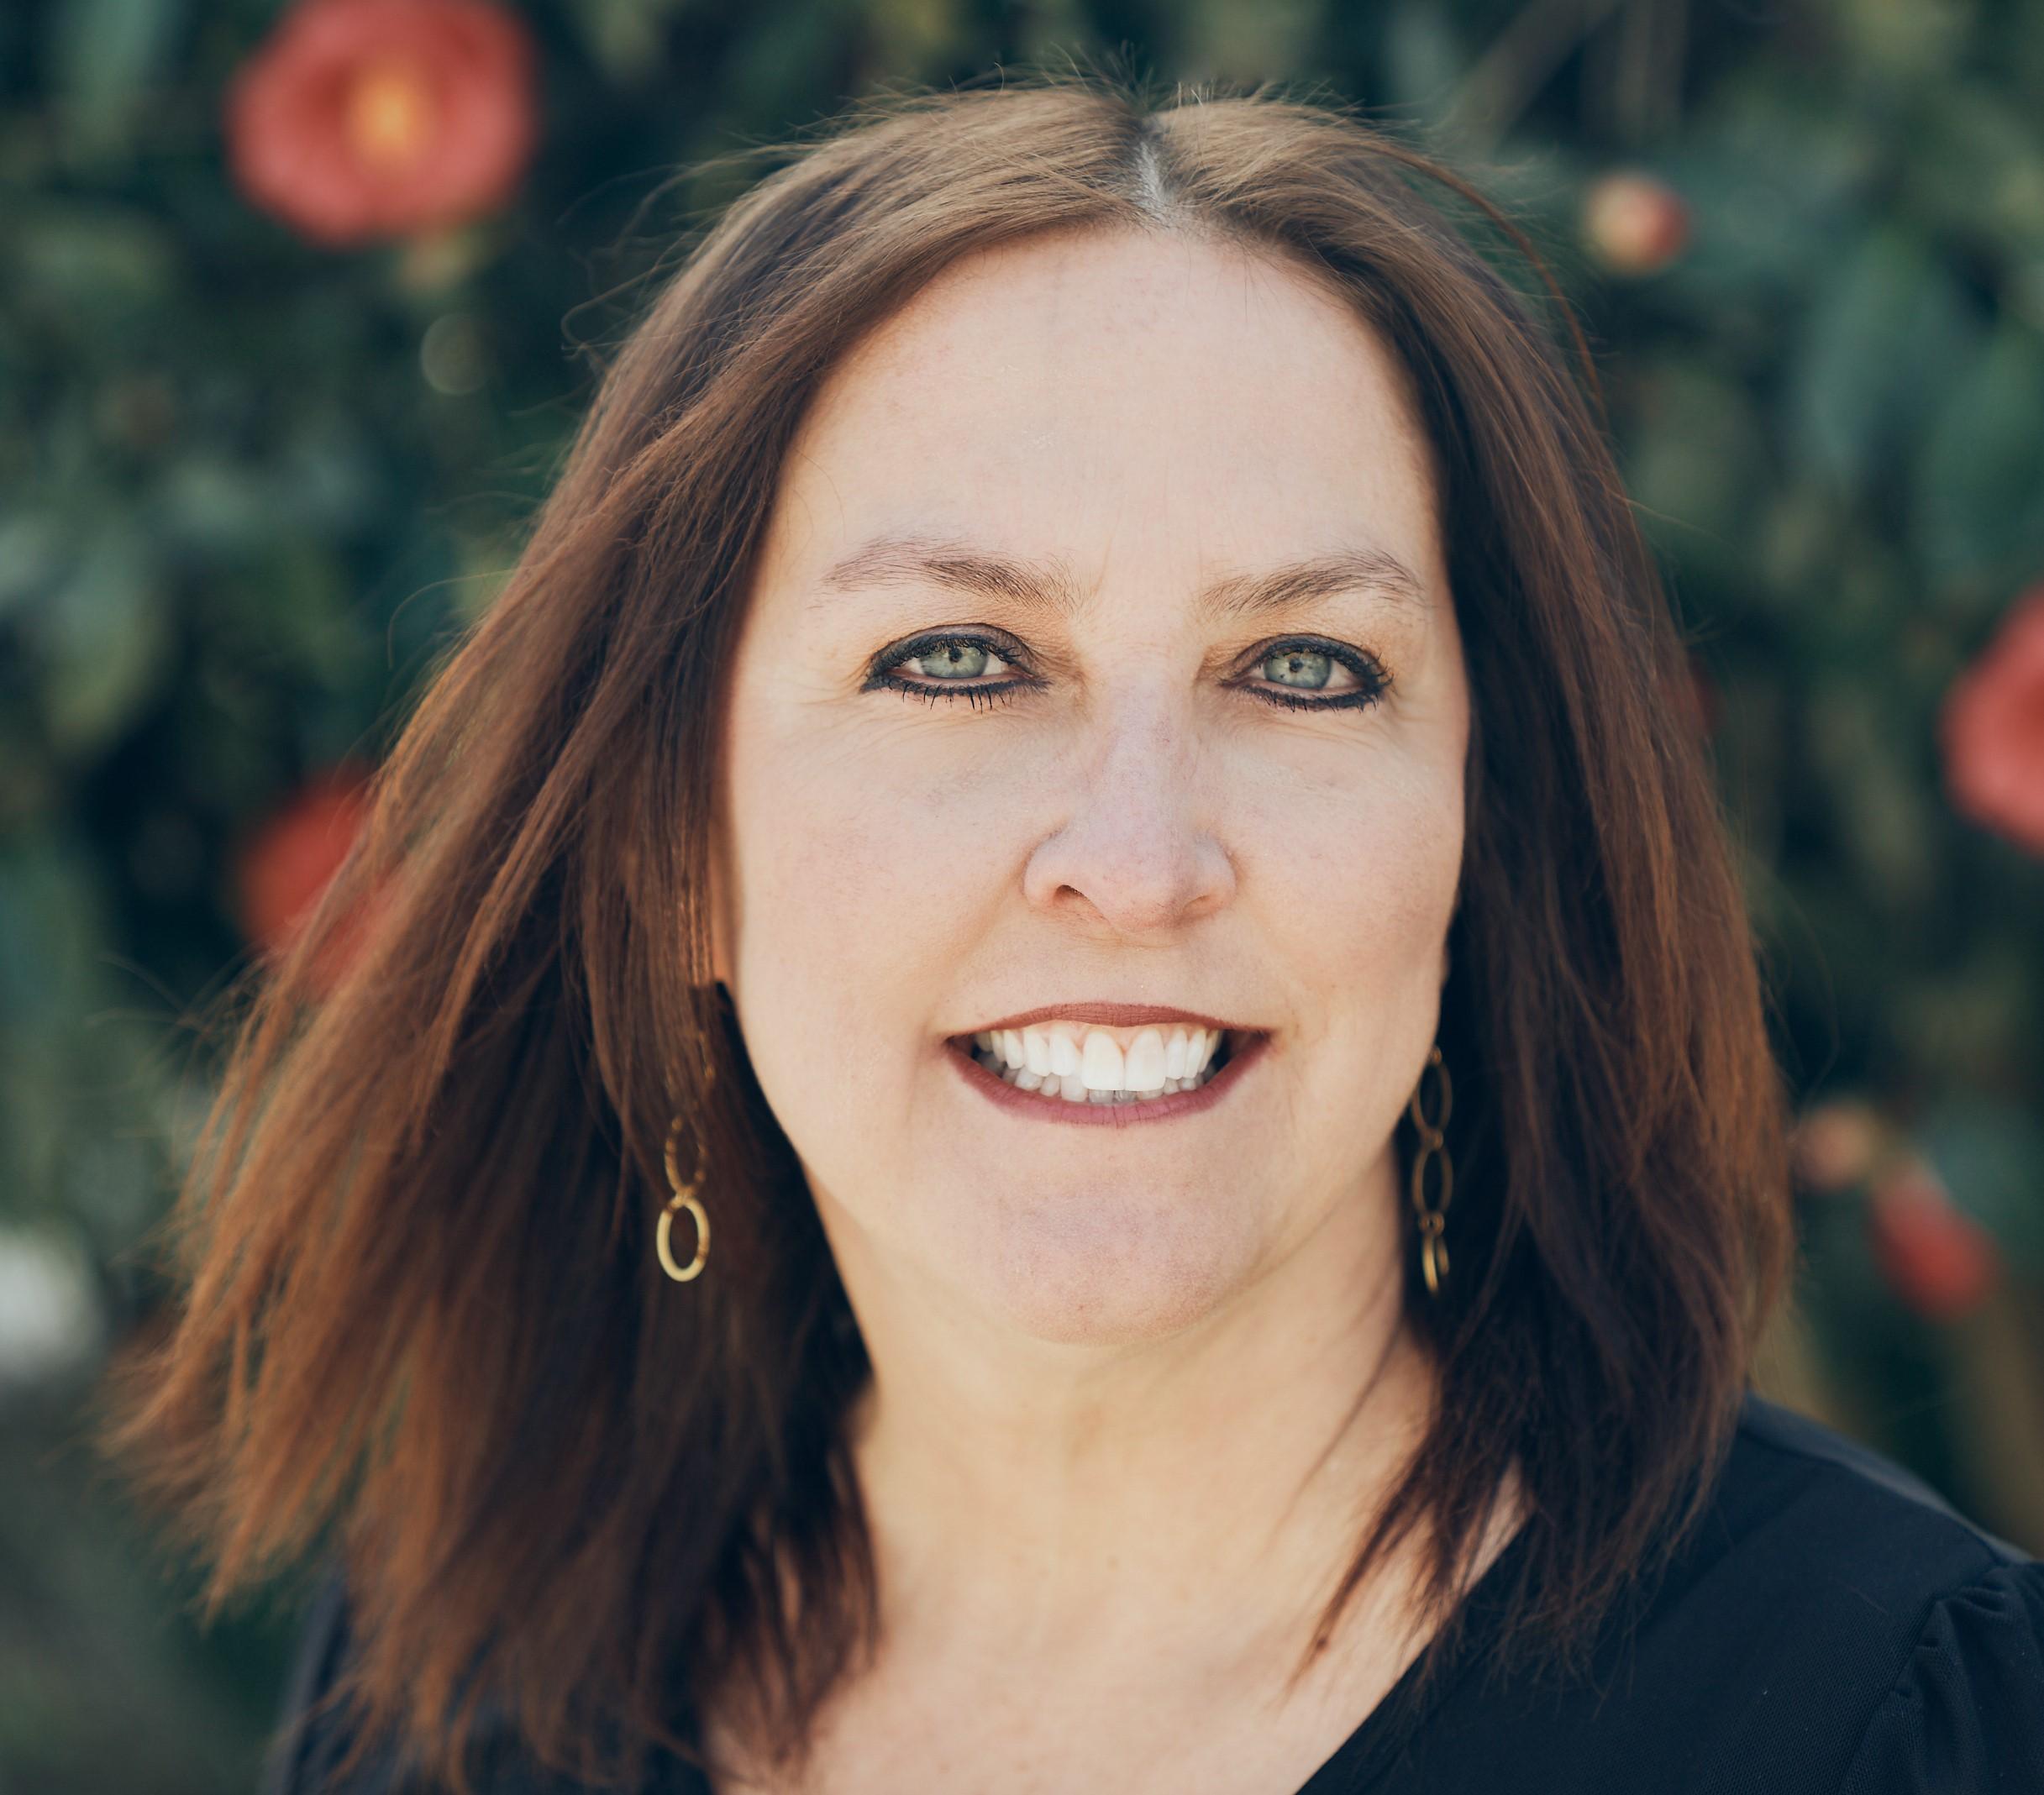 Tonya Marlatt - Associate BrokerEngel & Volkers Atlanta404.518.81787TonyaMarlatt@gmail.com